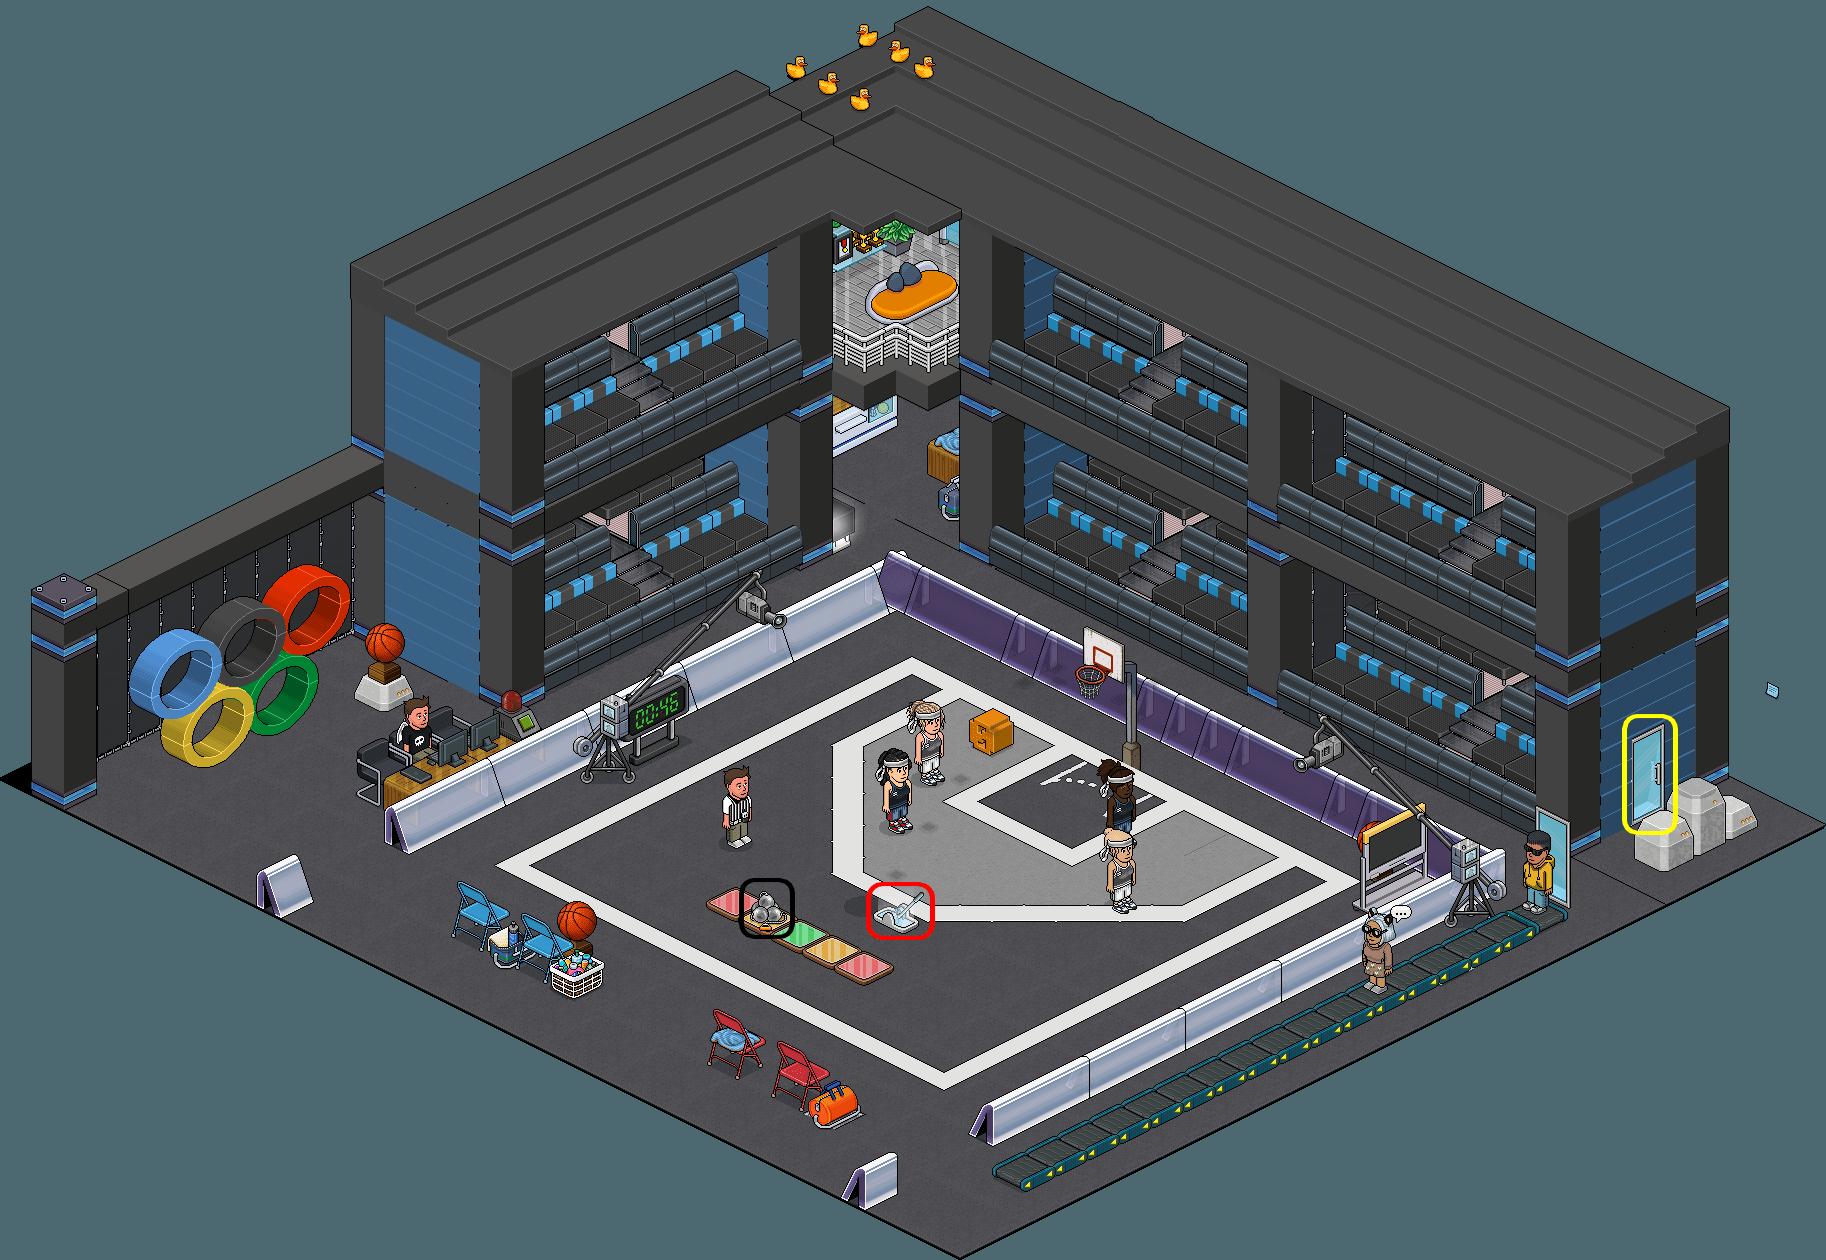 [HNC] Jeux Habbolympiques - Basket 3x3